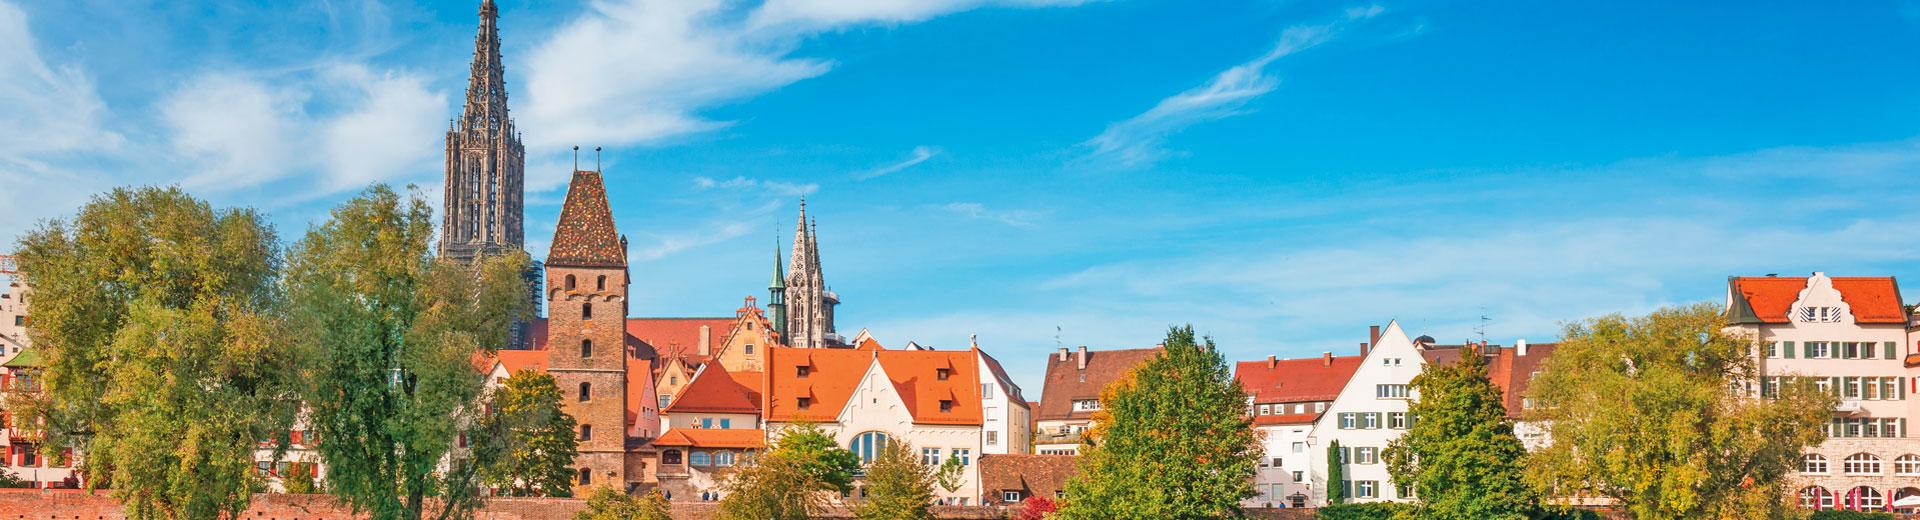 Städtereise Ulm